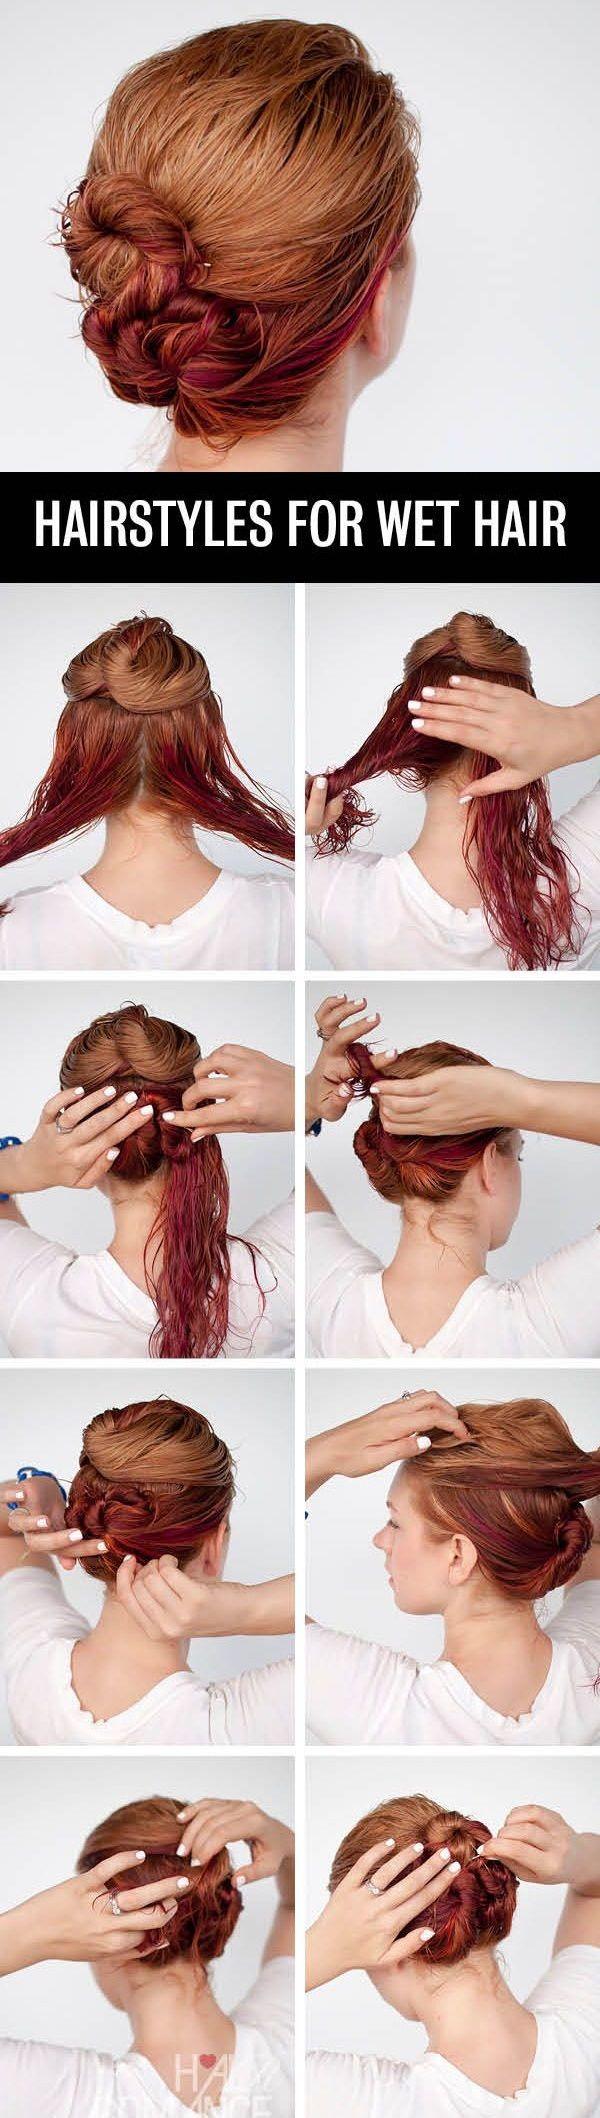 Strange 1000 Ideas About Wet Hair Dos On Pinterest Hair Dos Wet Hair Short Hairstyles For Black Women Fulllsitofus